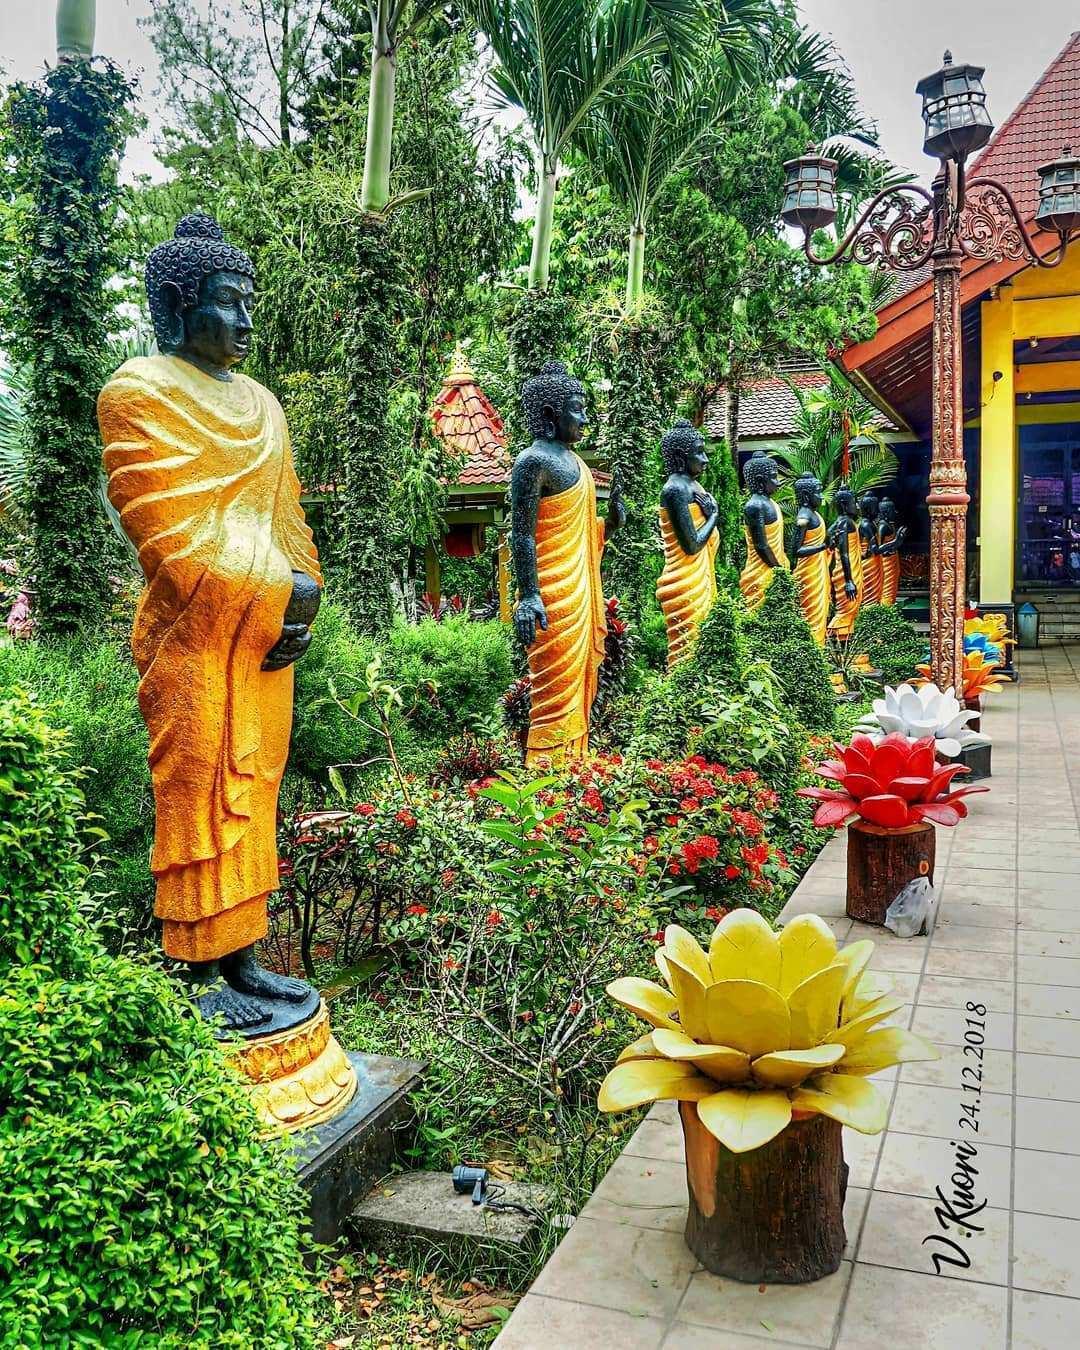 Berbagai Patung dan Taman Yang ada di Maha Vihara Majapahit, Image From @vincentius_kuori